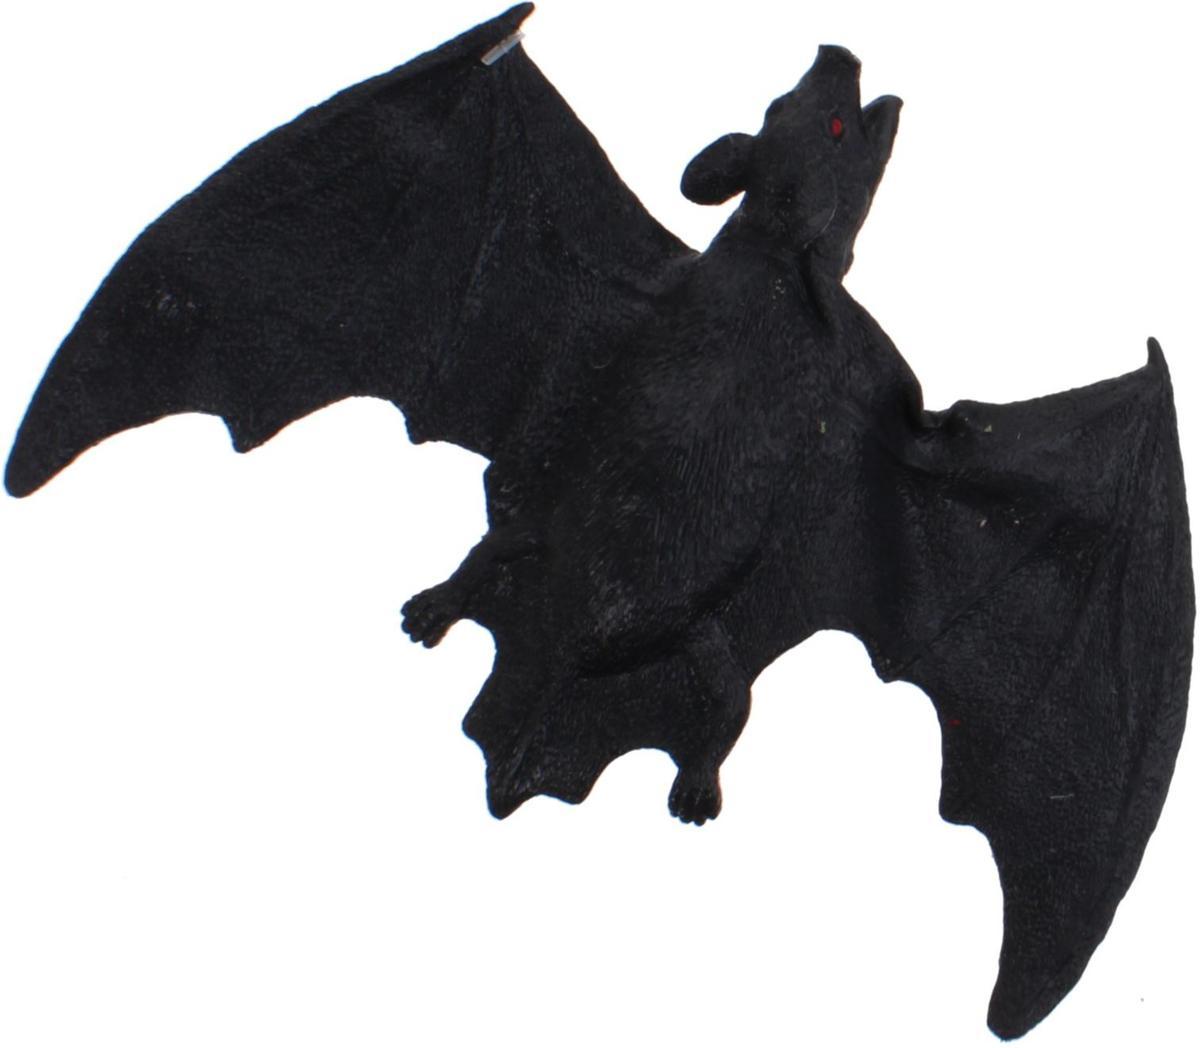 Johntoy Stretchy Creatures Vleermuis 20 Cm Zwart kopen